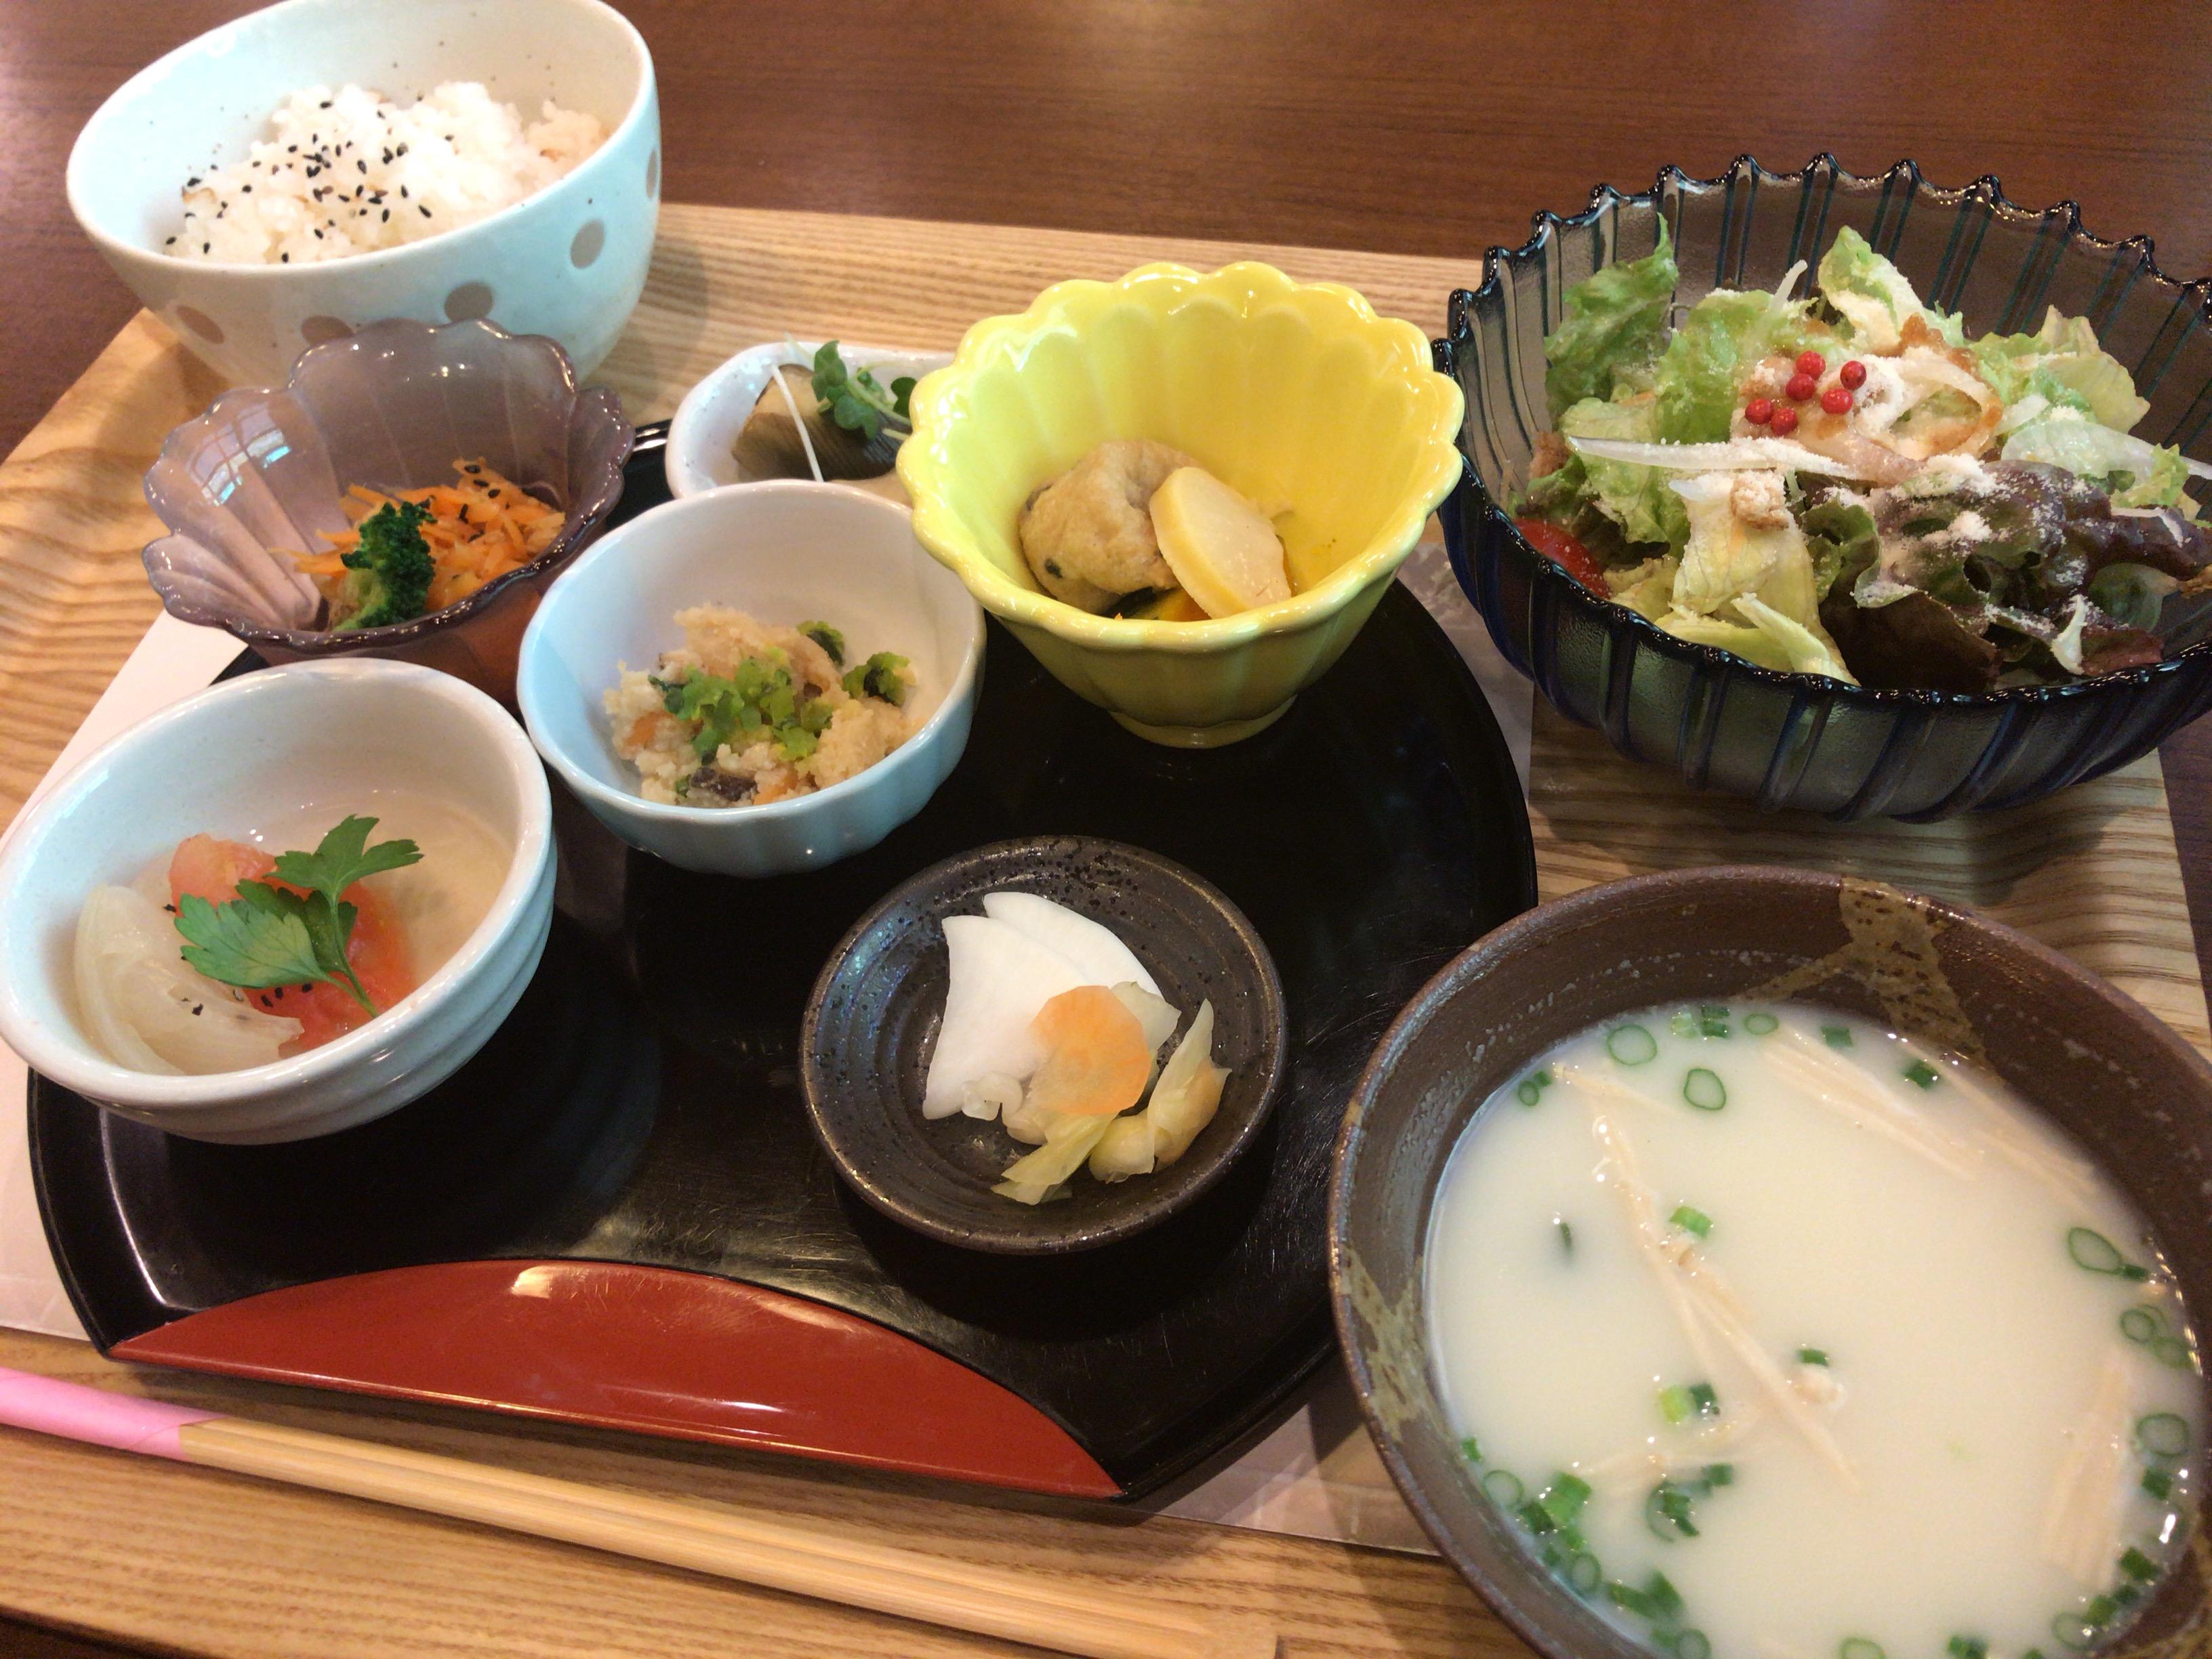 大和八木駅近く「茶々」の人気ランチメニュー